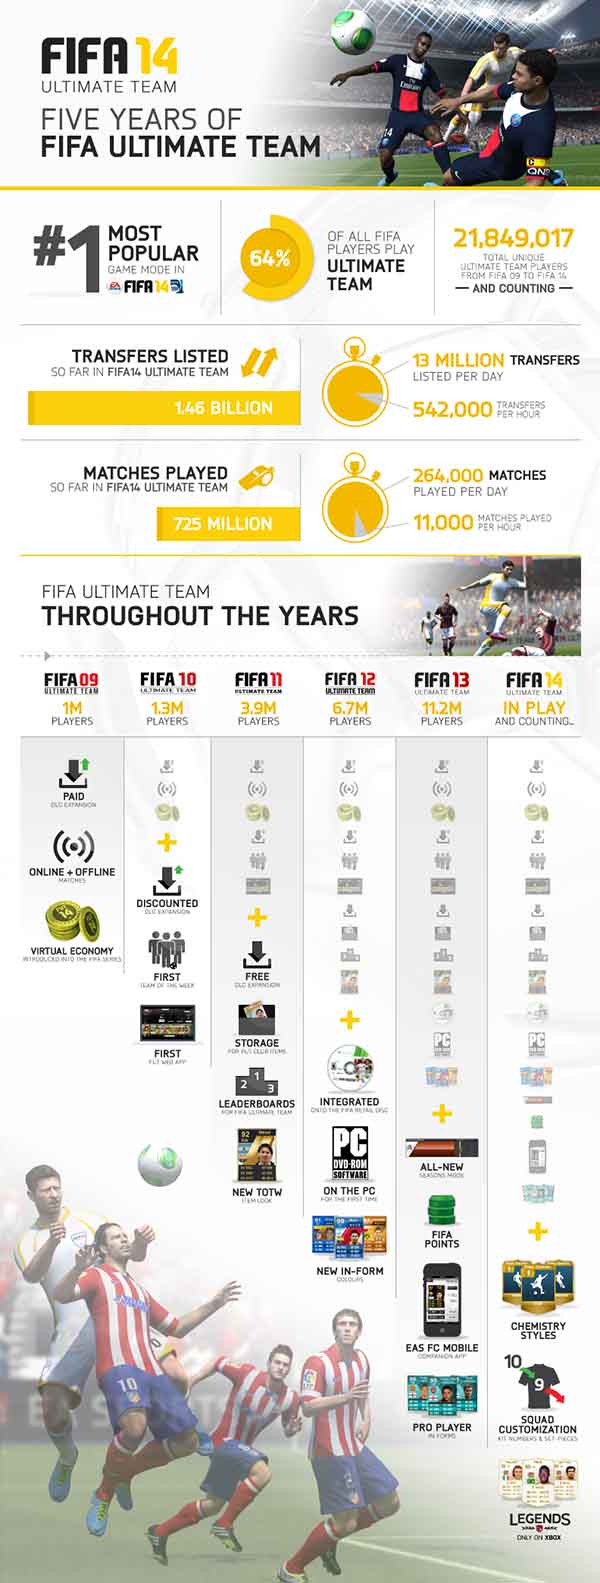 Celebre cinco anos de FUT com cinco pacotes gratuitos